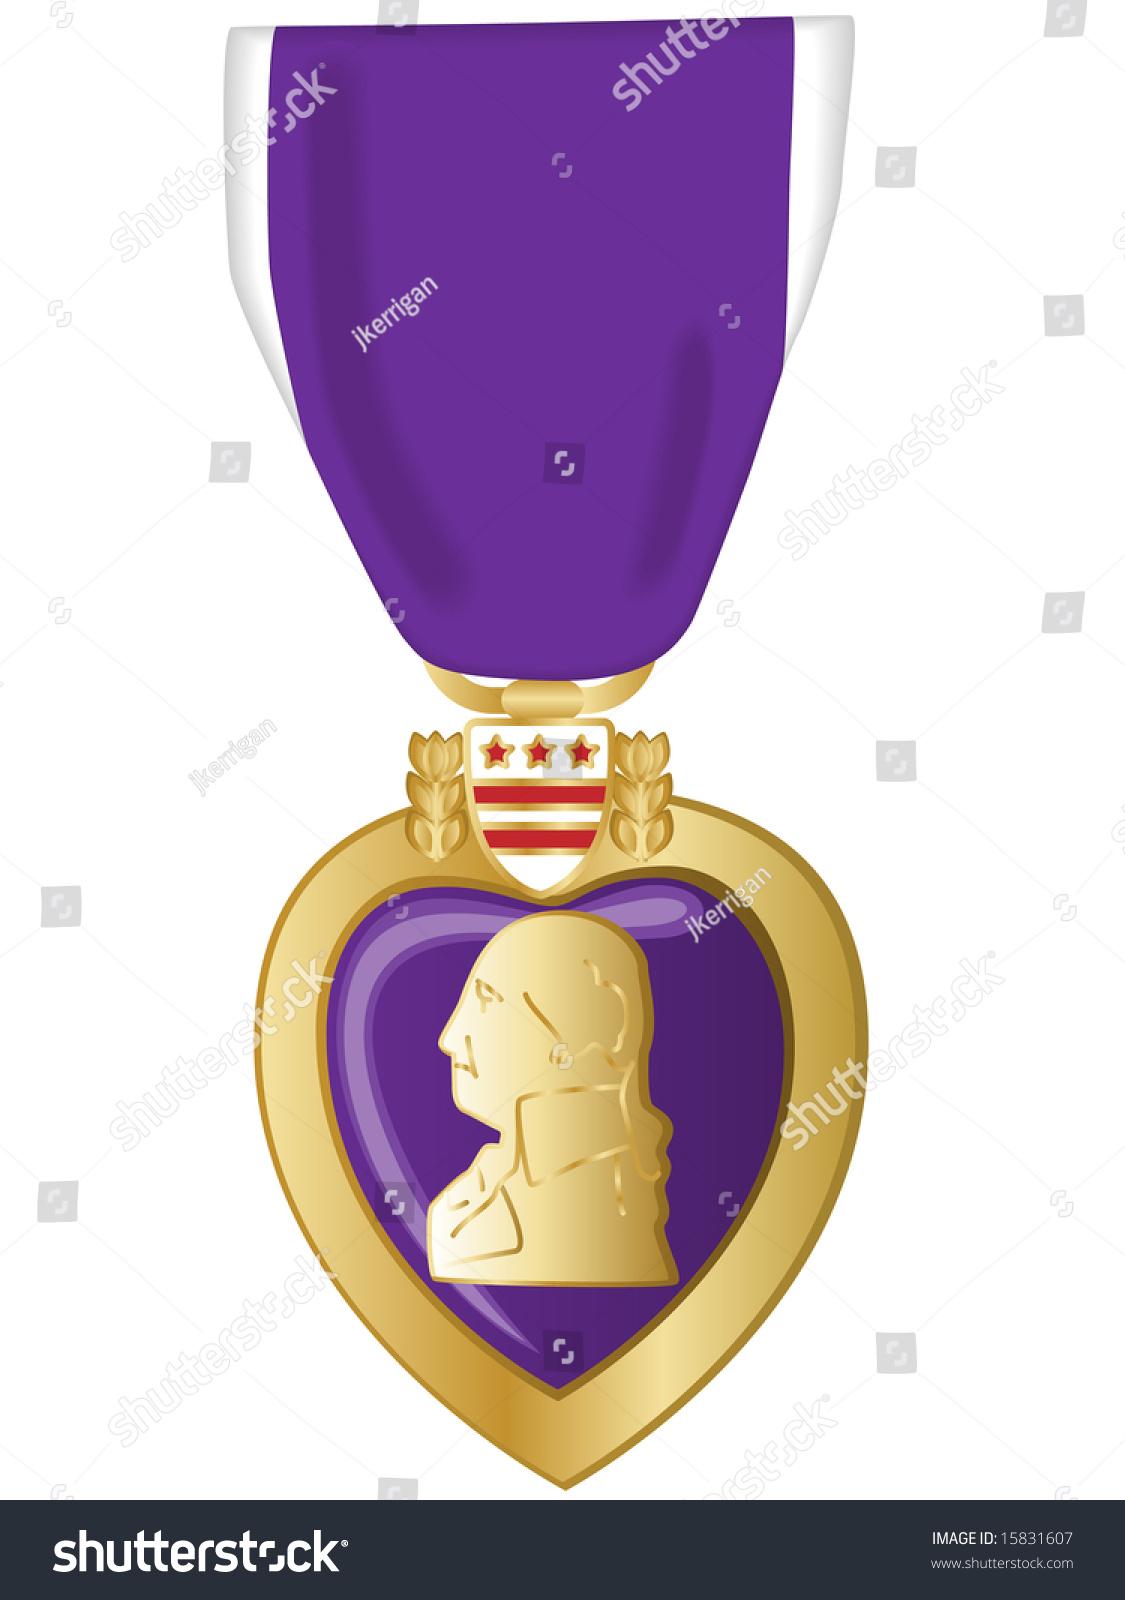 Jpeg Illustration Of Purple Heart Medal. - 15831607 ...